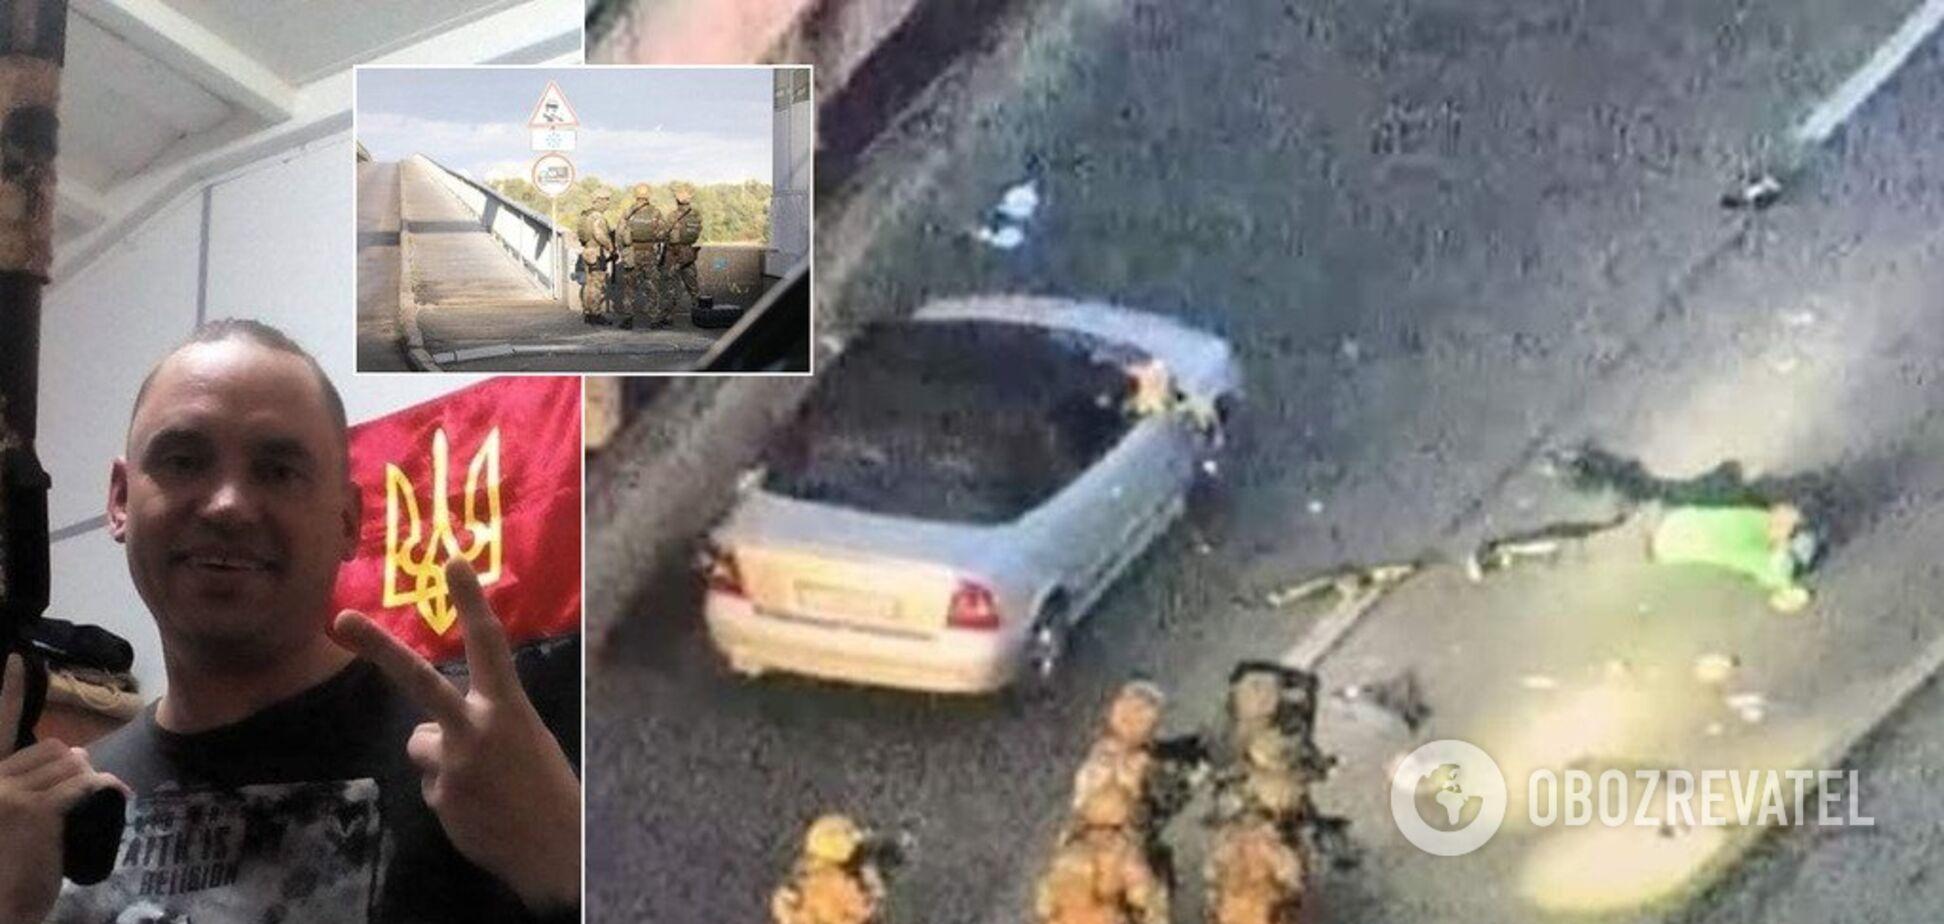 Не довічне: у поліції розкрили деталі звинувачення 'терориста' у Києві